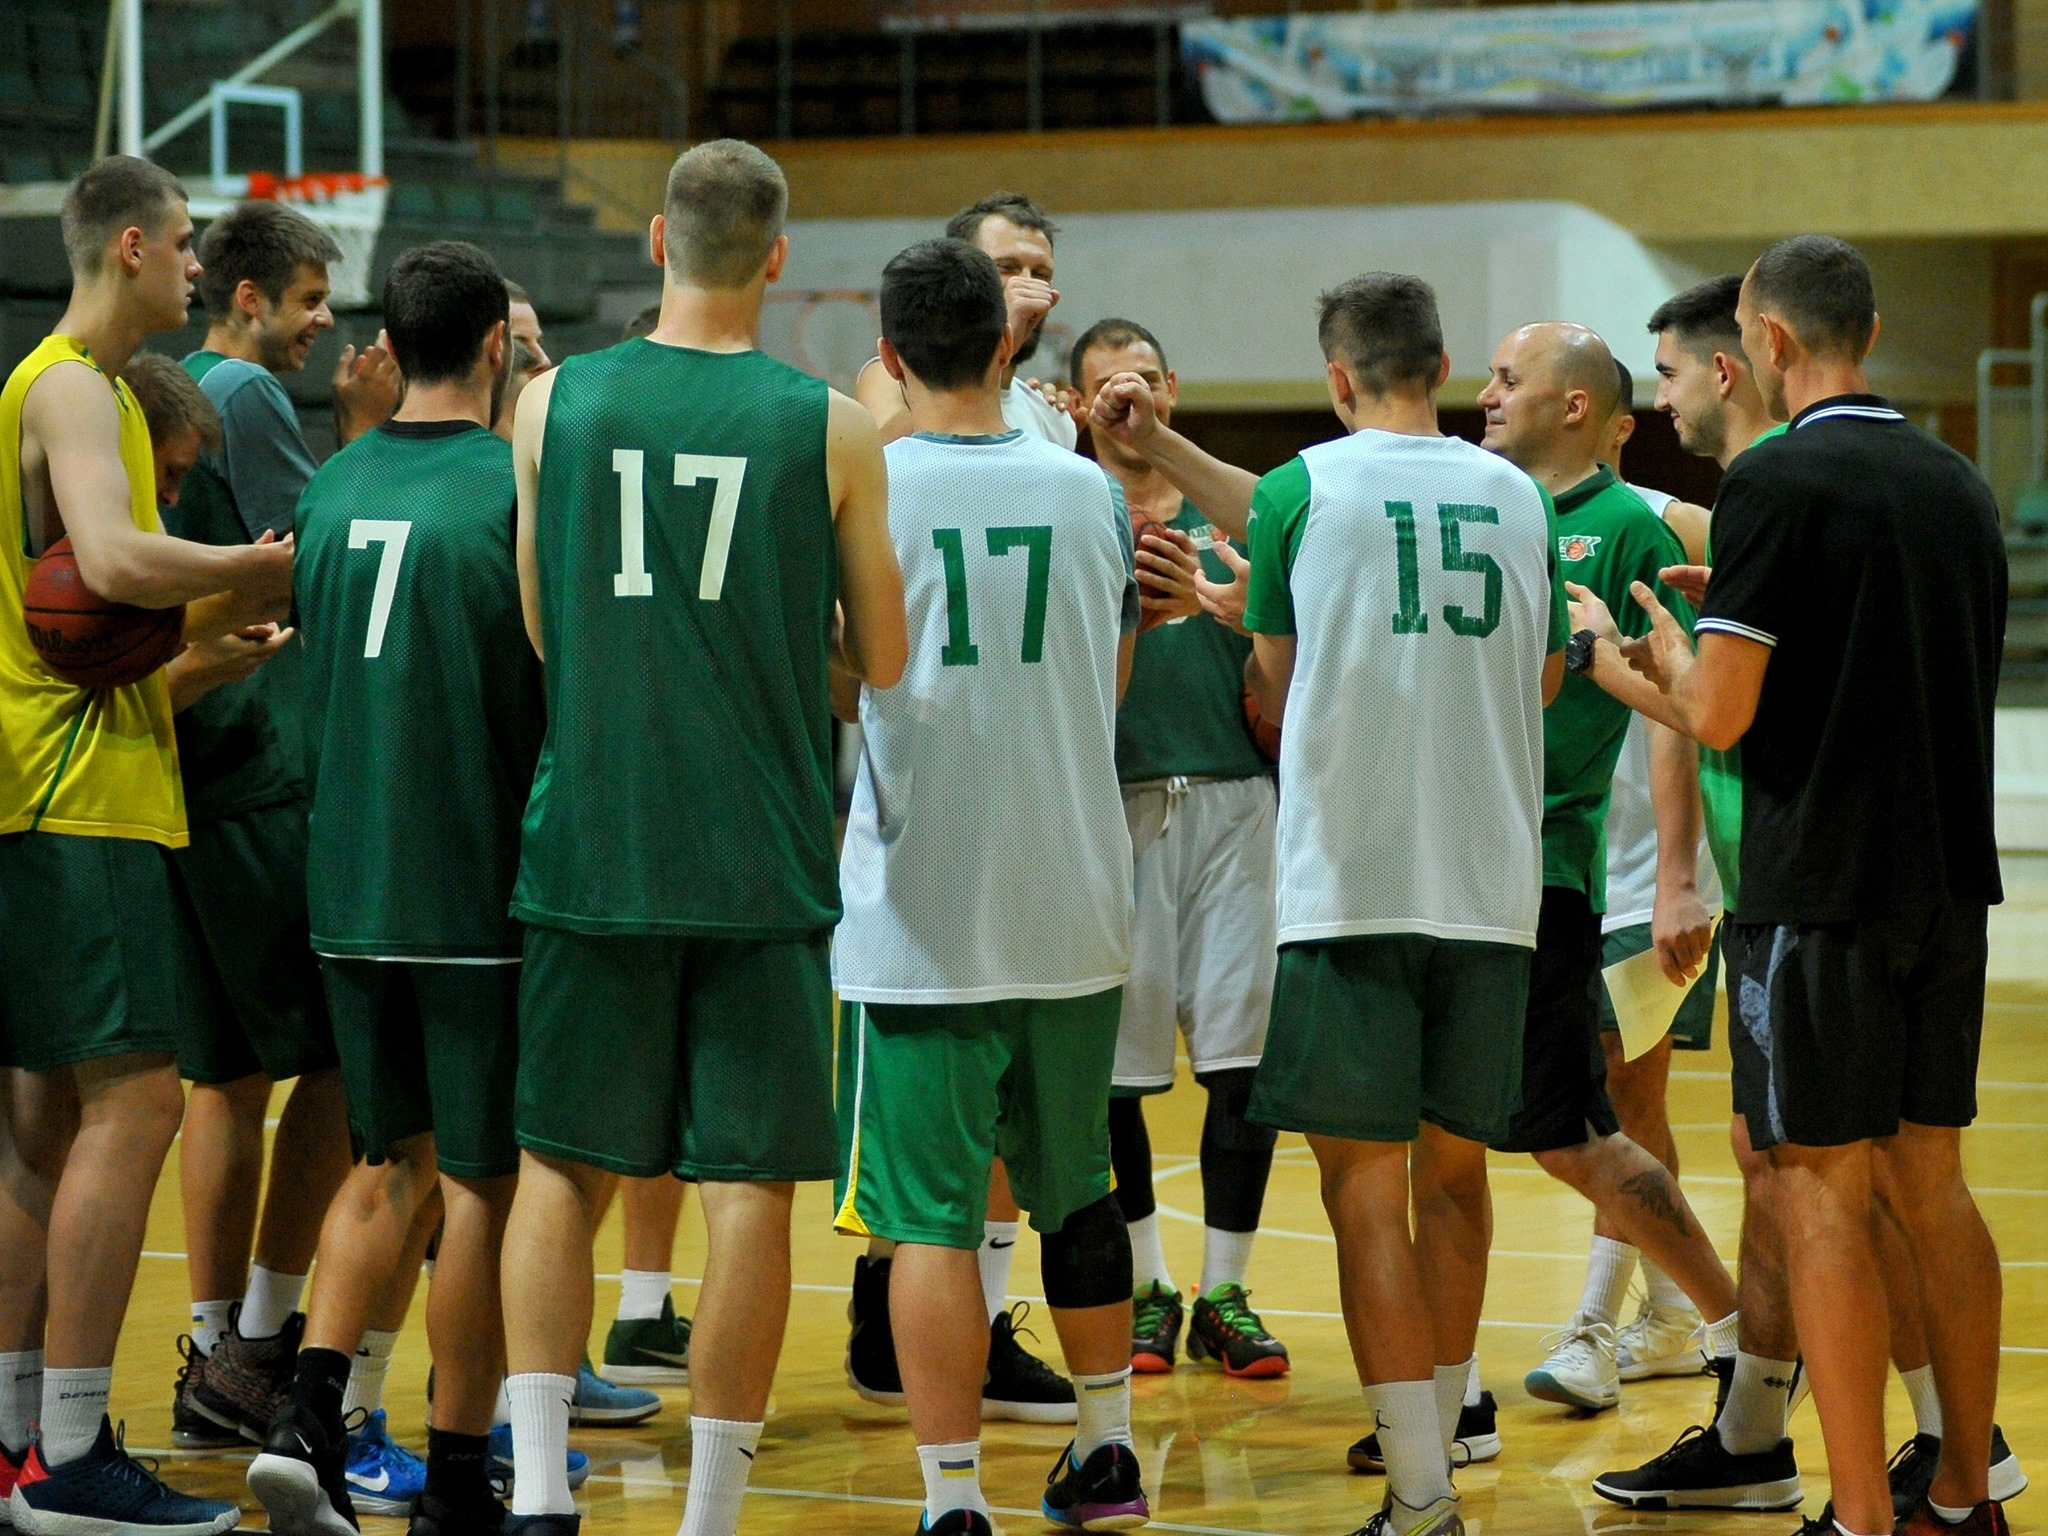 Чемпіон України проведе серію контрольних матчів у Литві